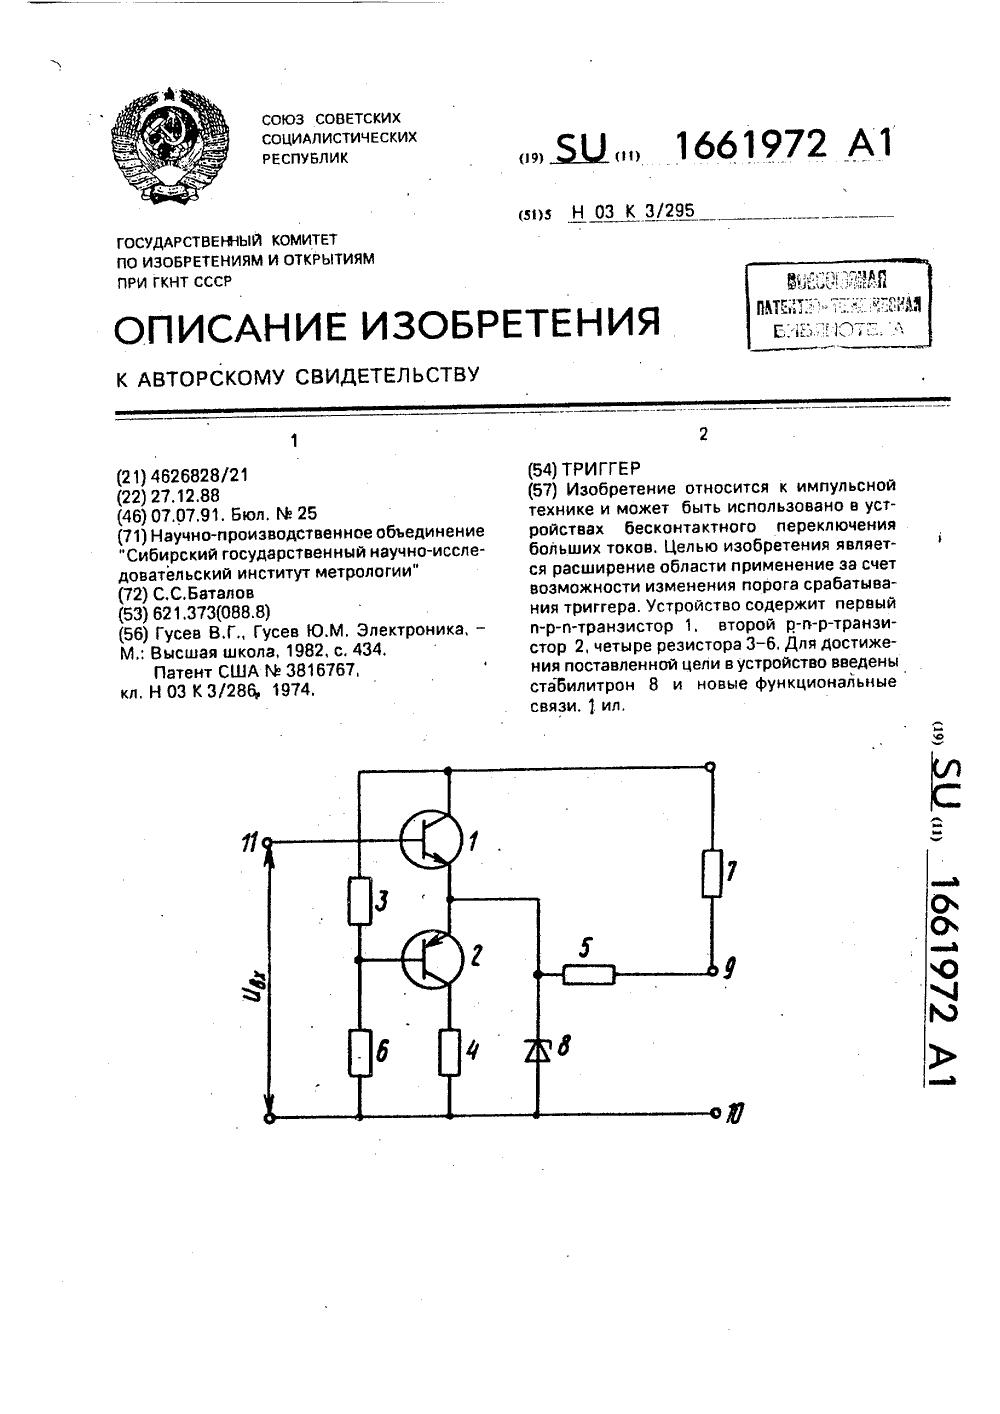 электрическая схема на триггерах шмидта